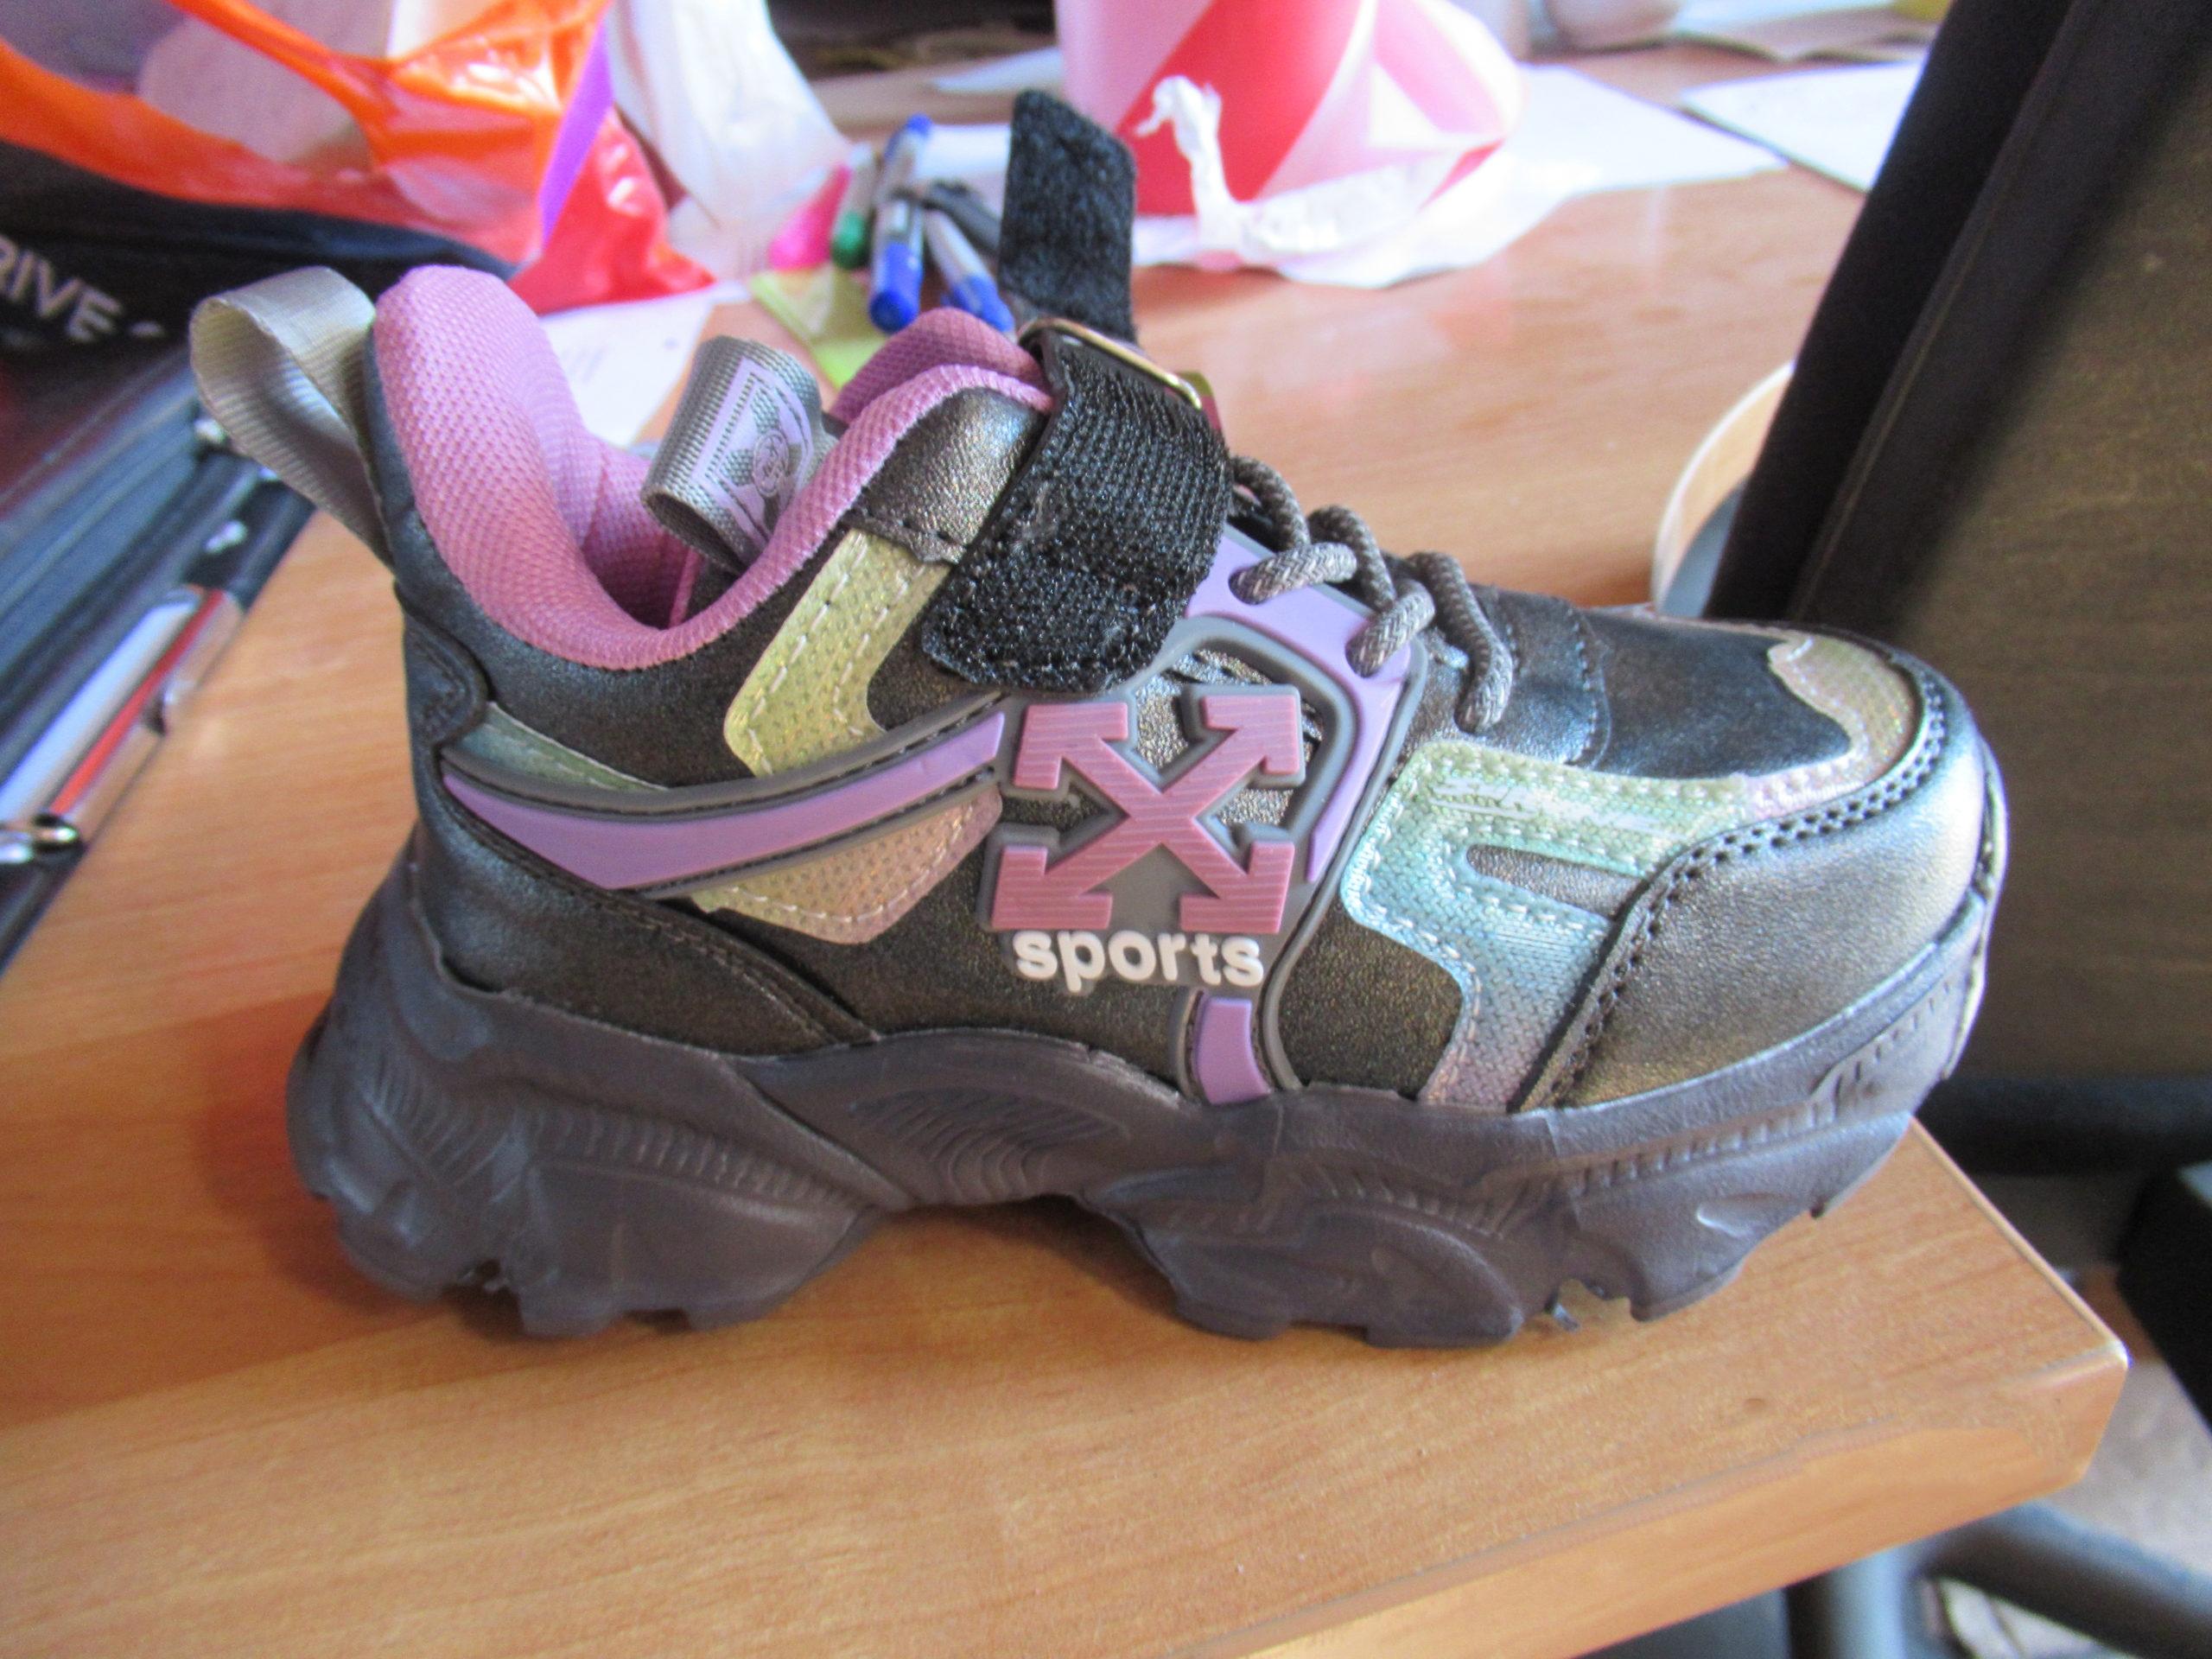 В Самарской области сотрудники таможни пресекли ввоз контрафактной обуви